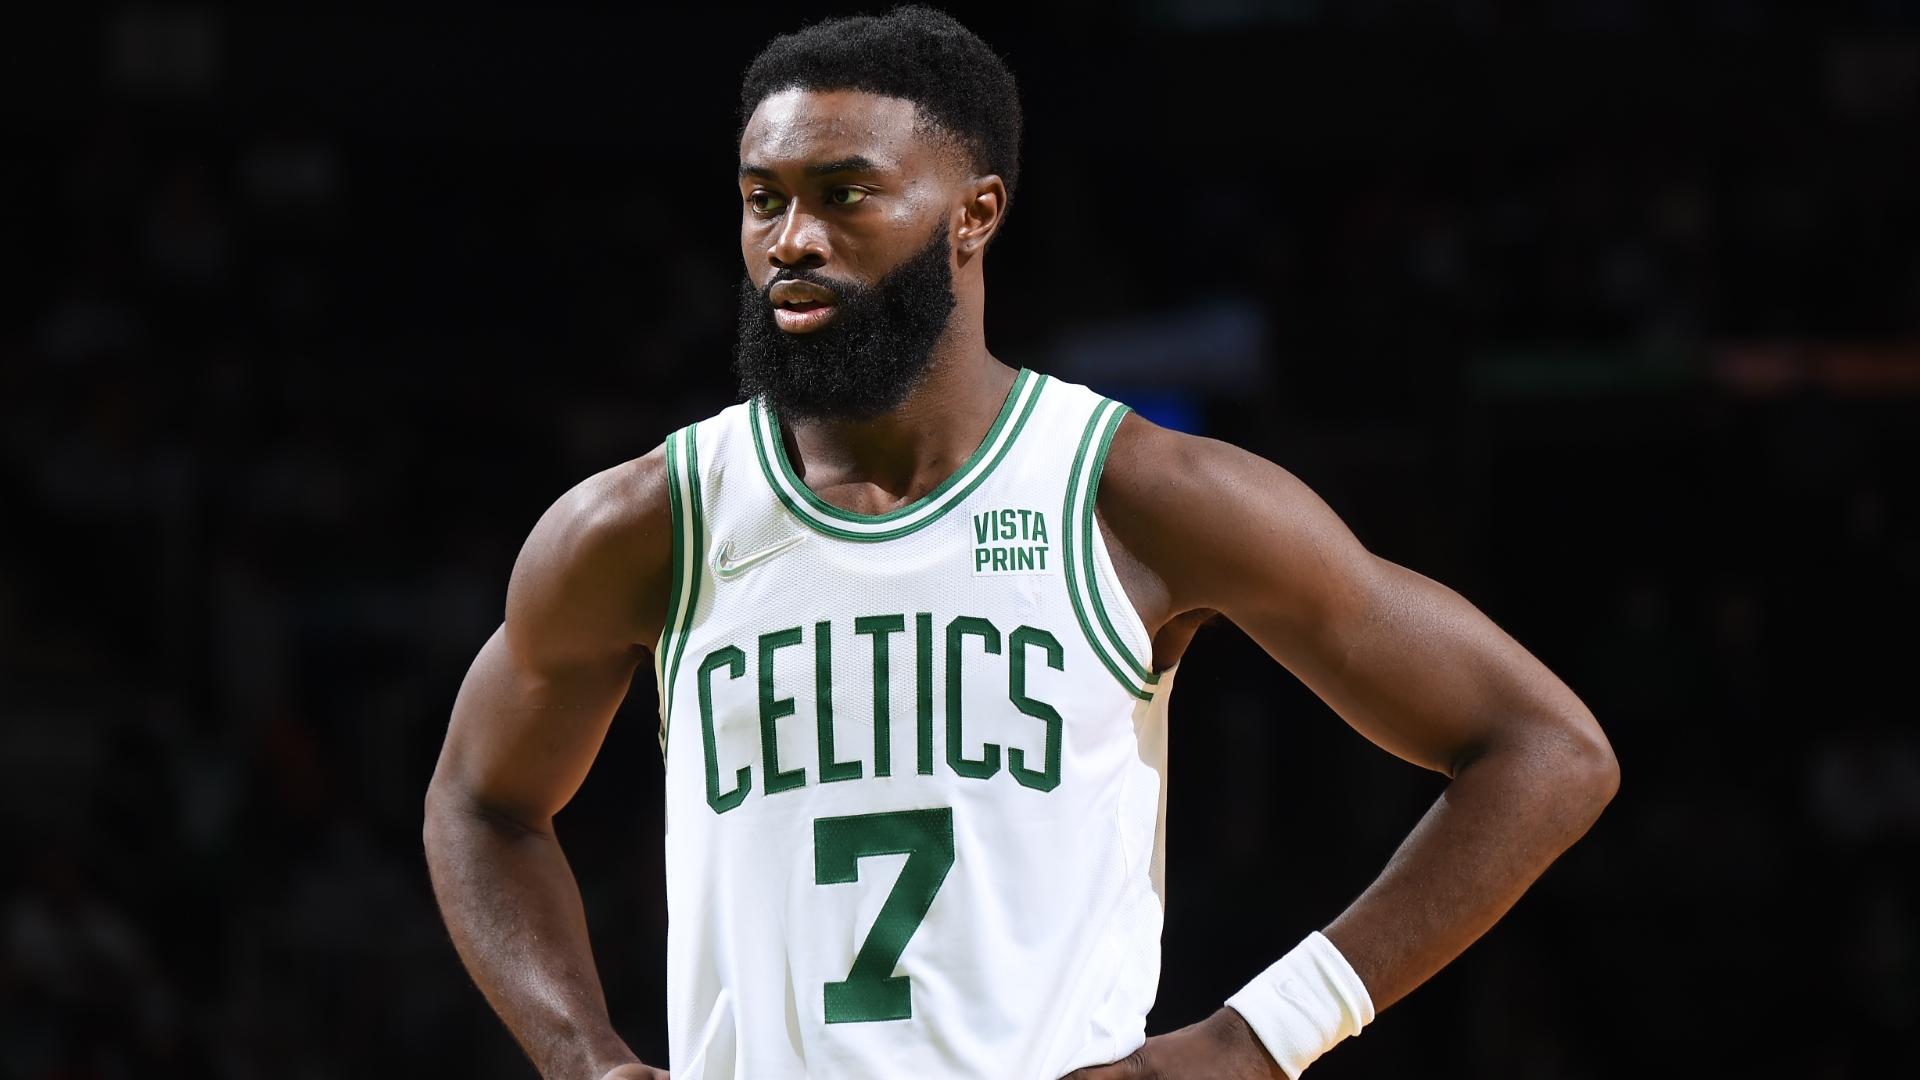 Meilleurs petits attaquants de la NBA pour 2021-22: classement des 30 partants